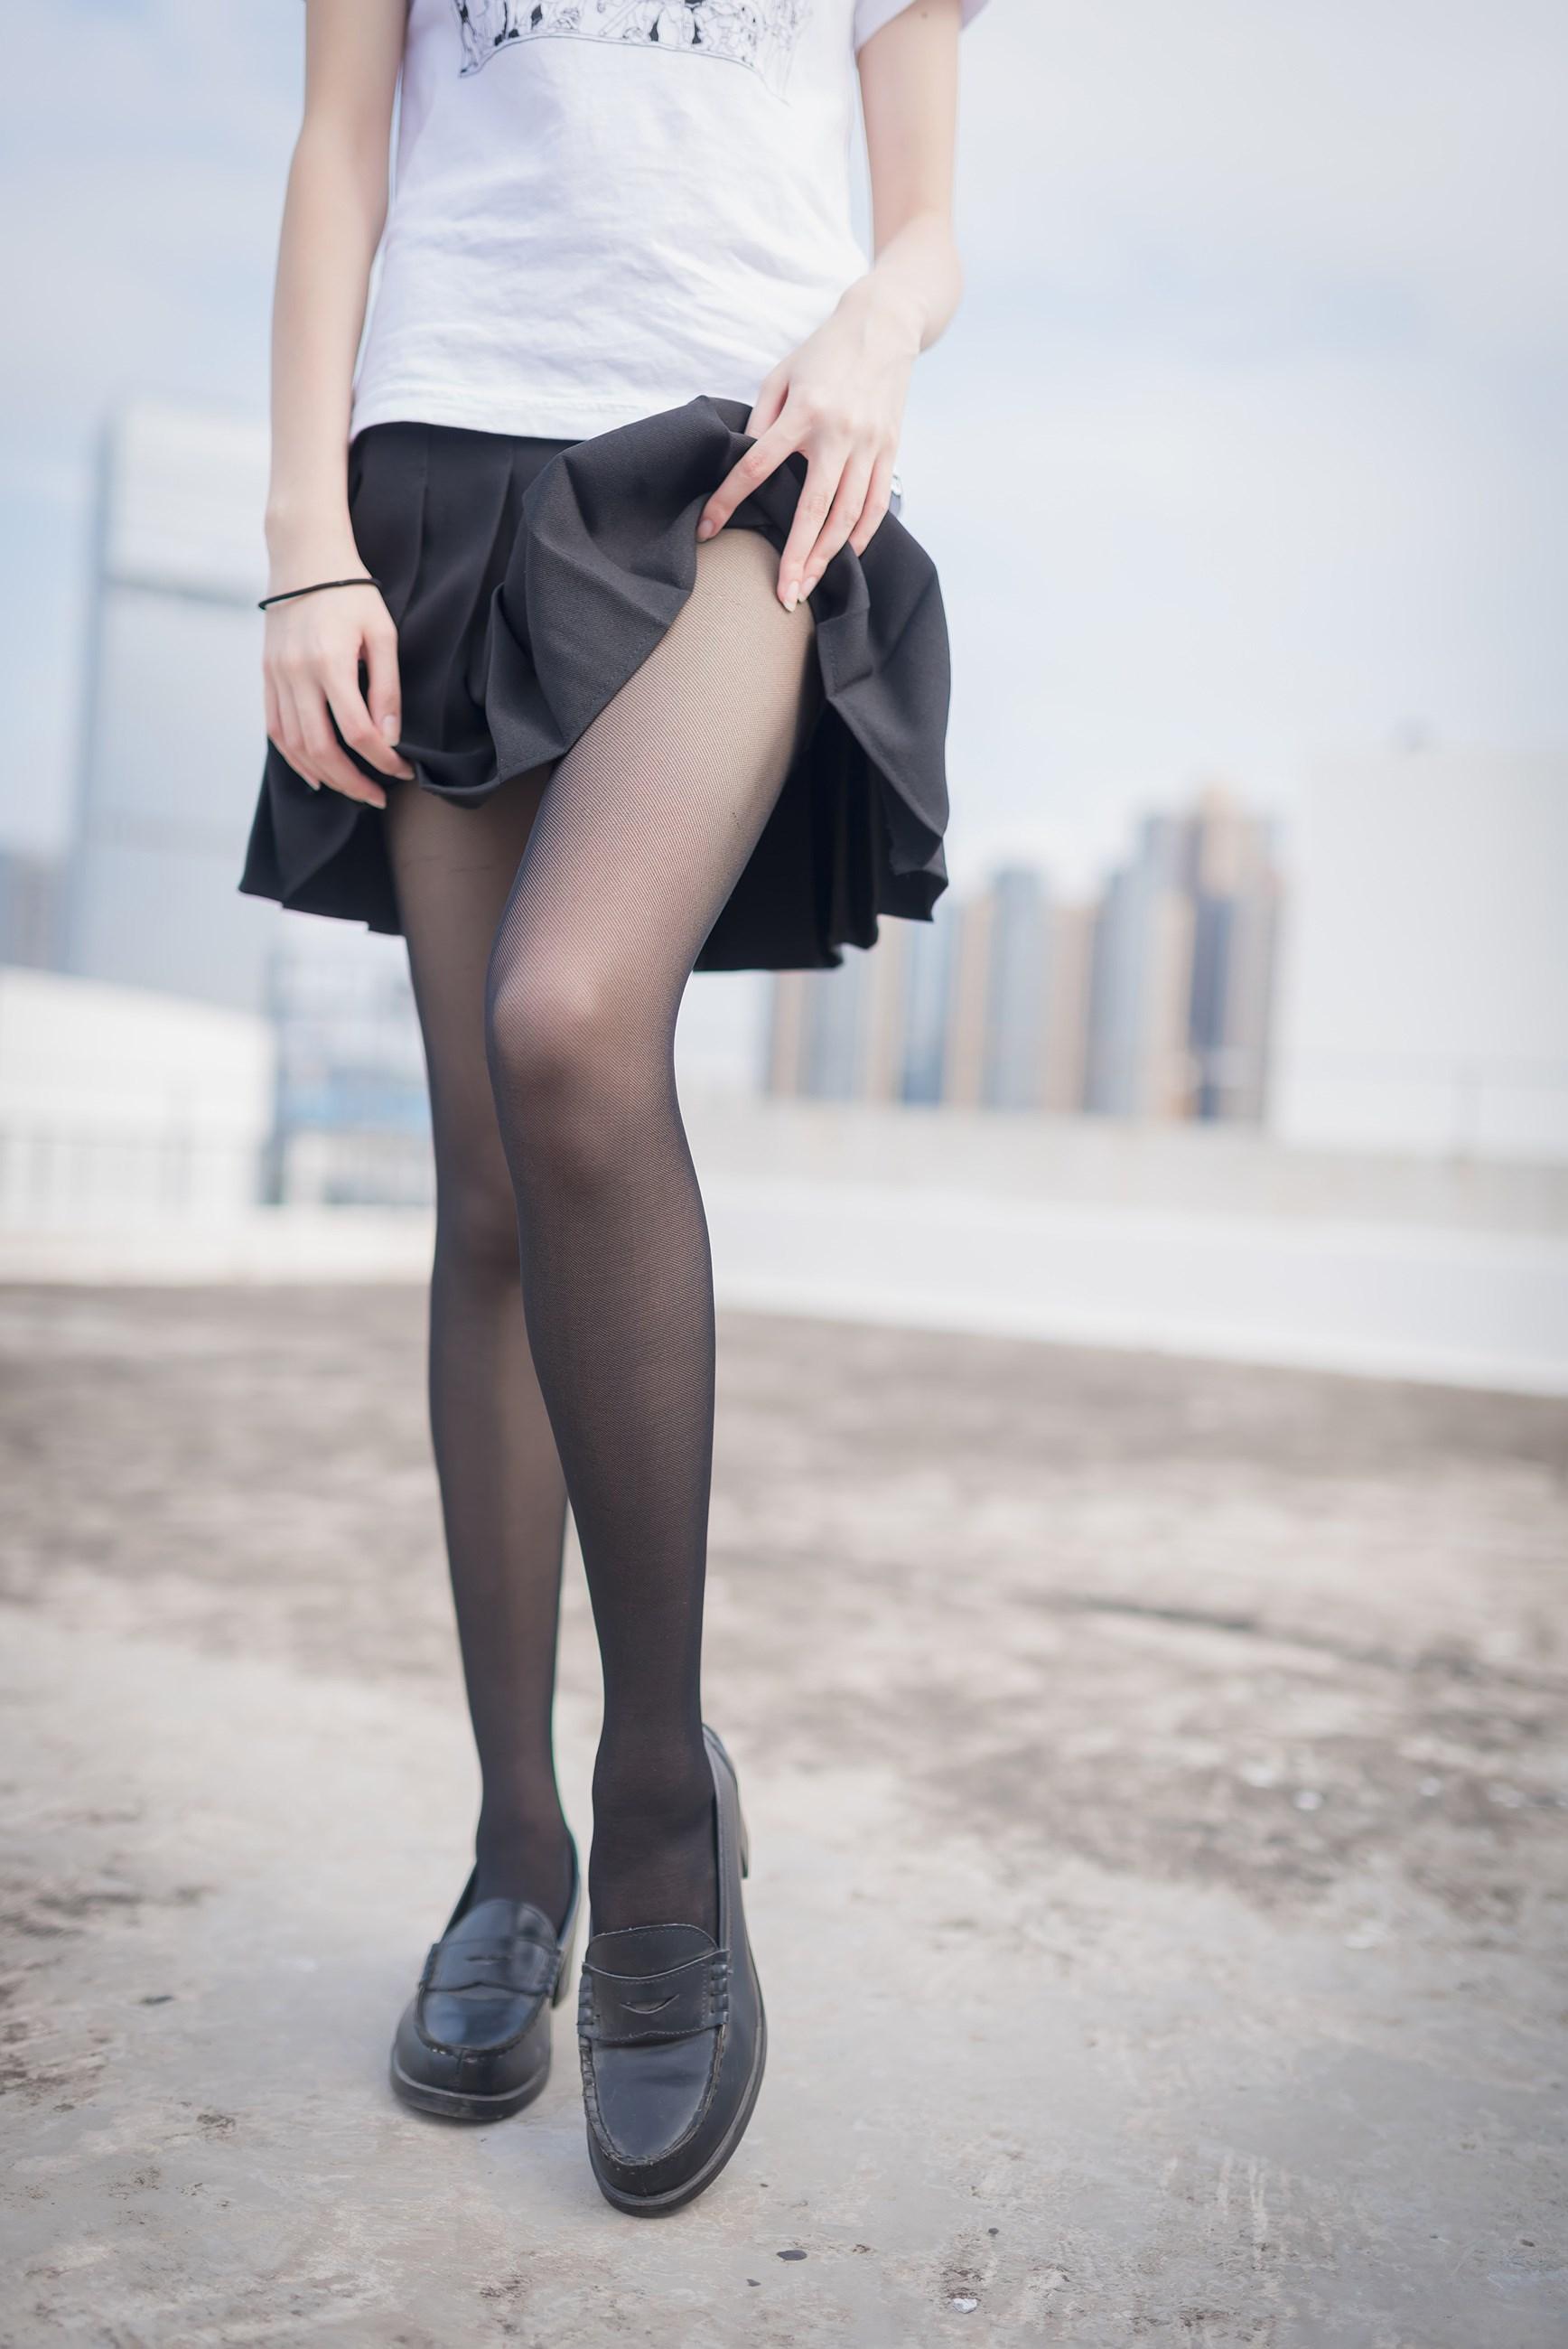 【兔玩映画】天台的黑丝少女 兔玩映画 第12张